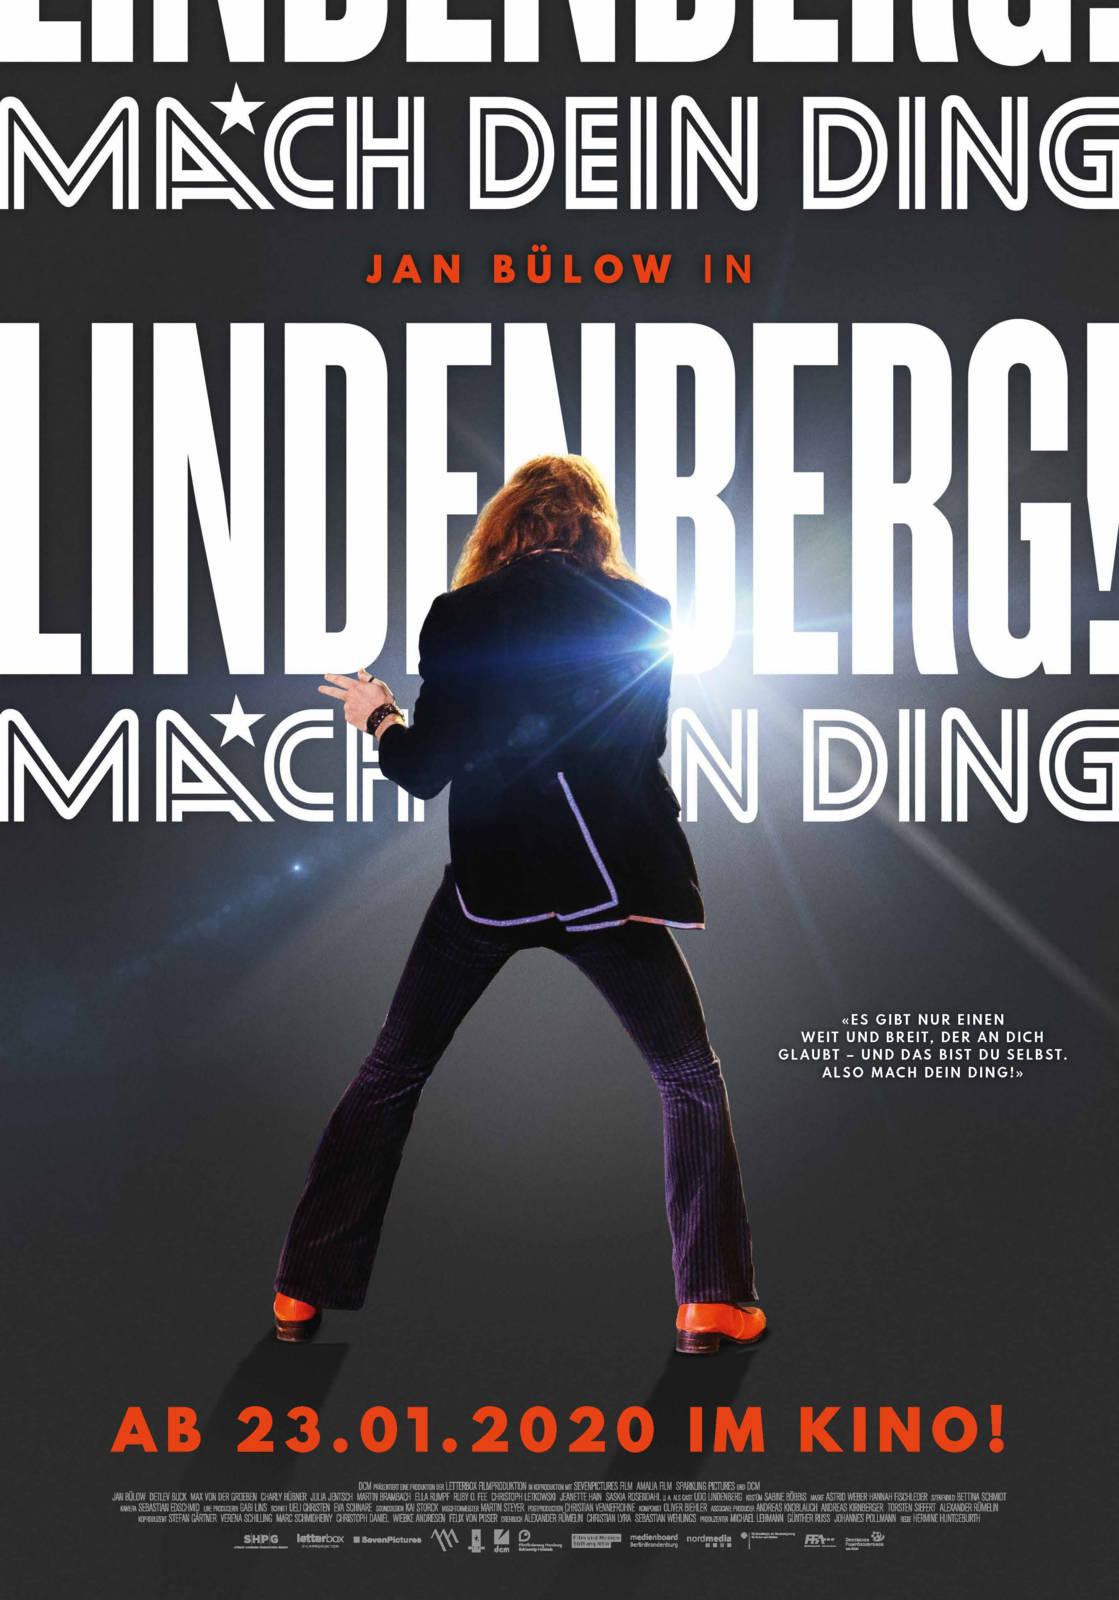 Lindenberg Mach Dein Ding Kino